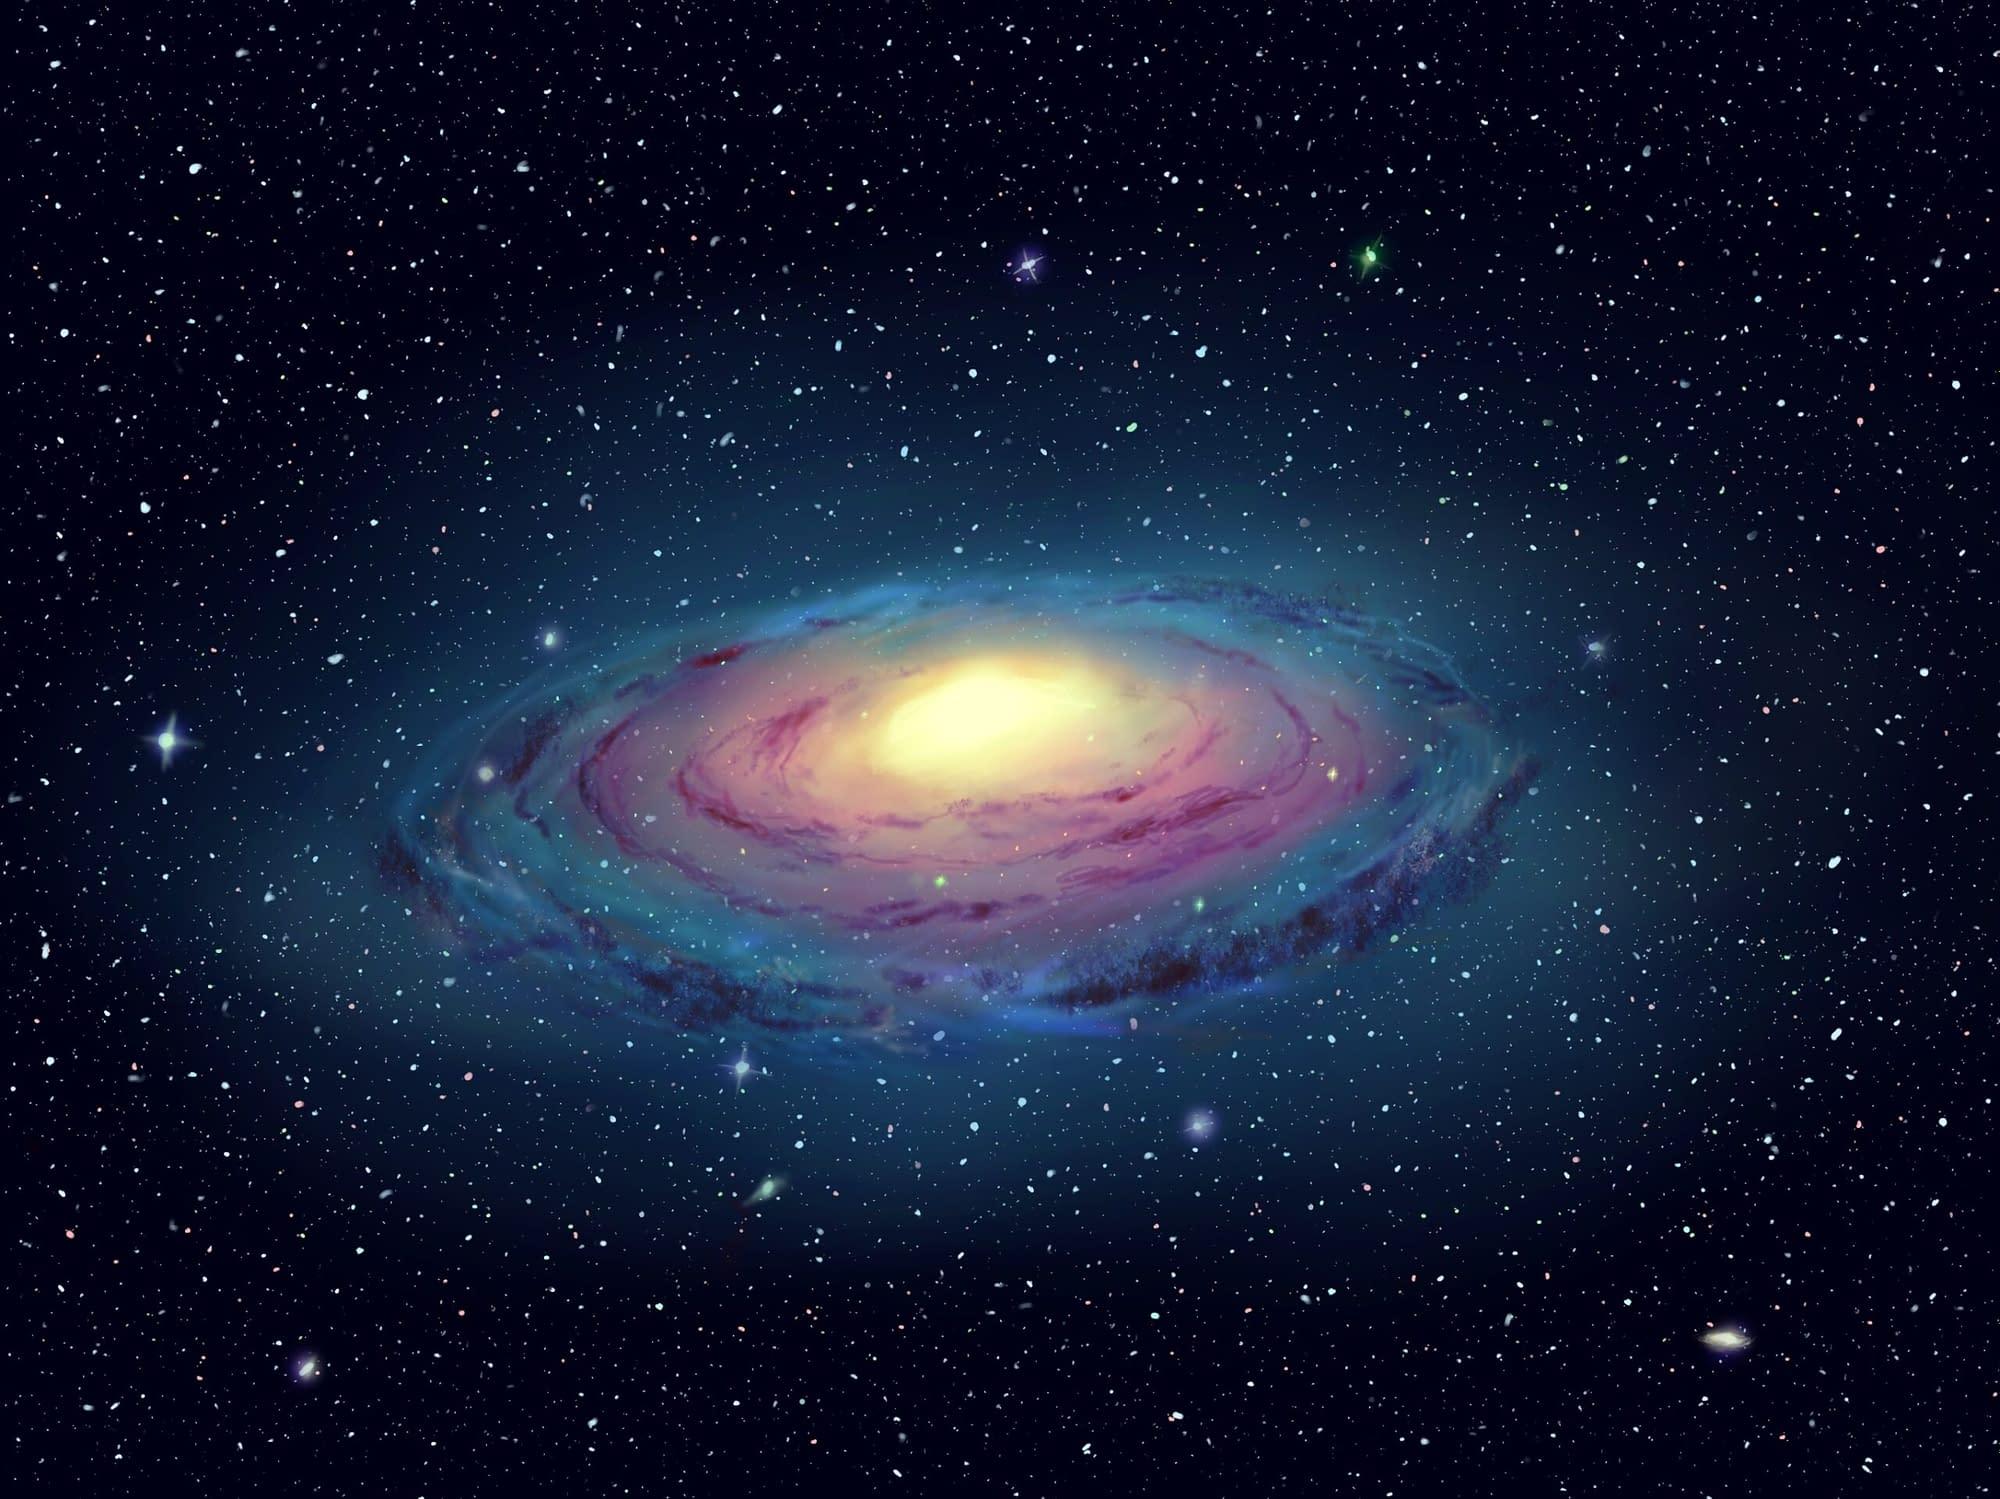 Galaxy design - Artwork - Digital artwork of a brightly-lit galaxy